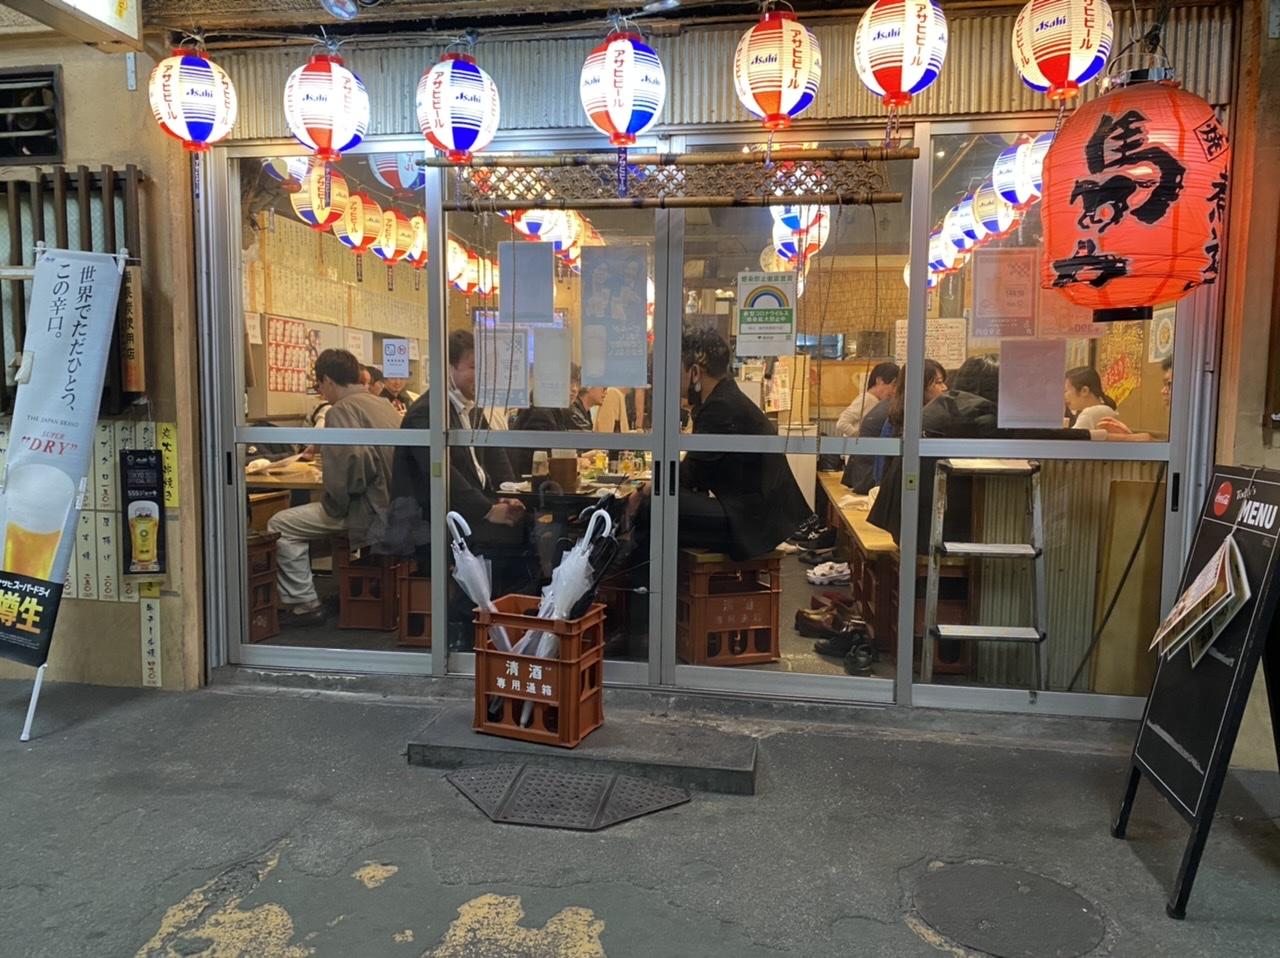 टोकियोमा रेस्टुरेन्ट मापदण्ड पालना र बन्द समय चेकजाँच गर्न गस्ती सुरु